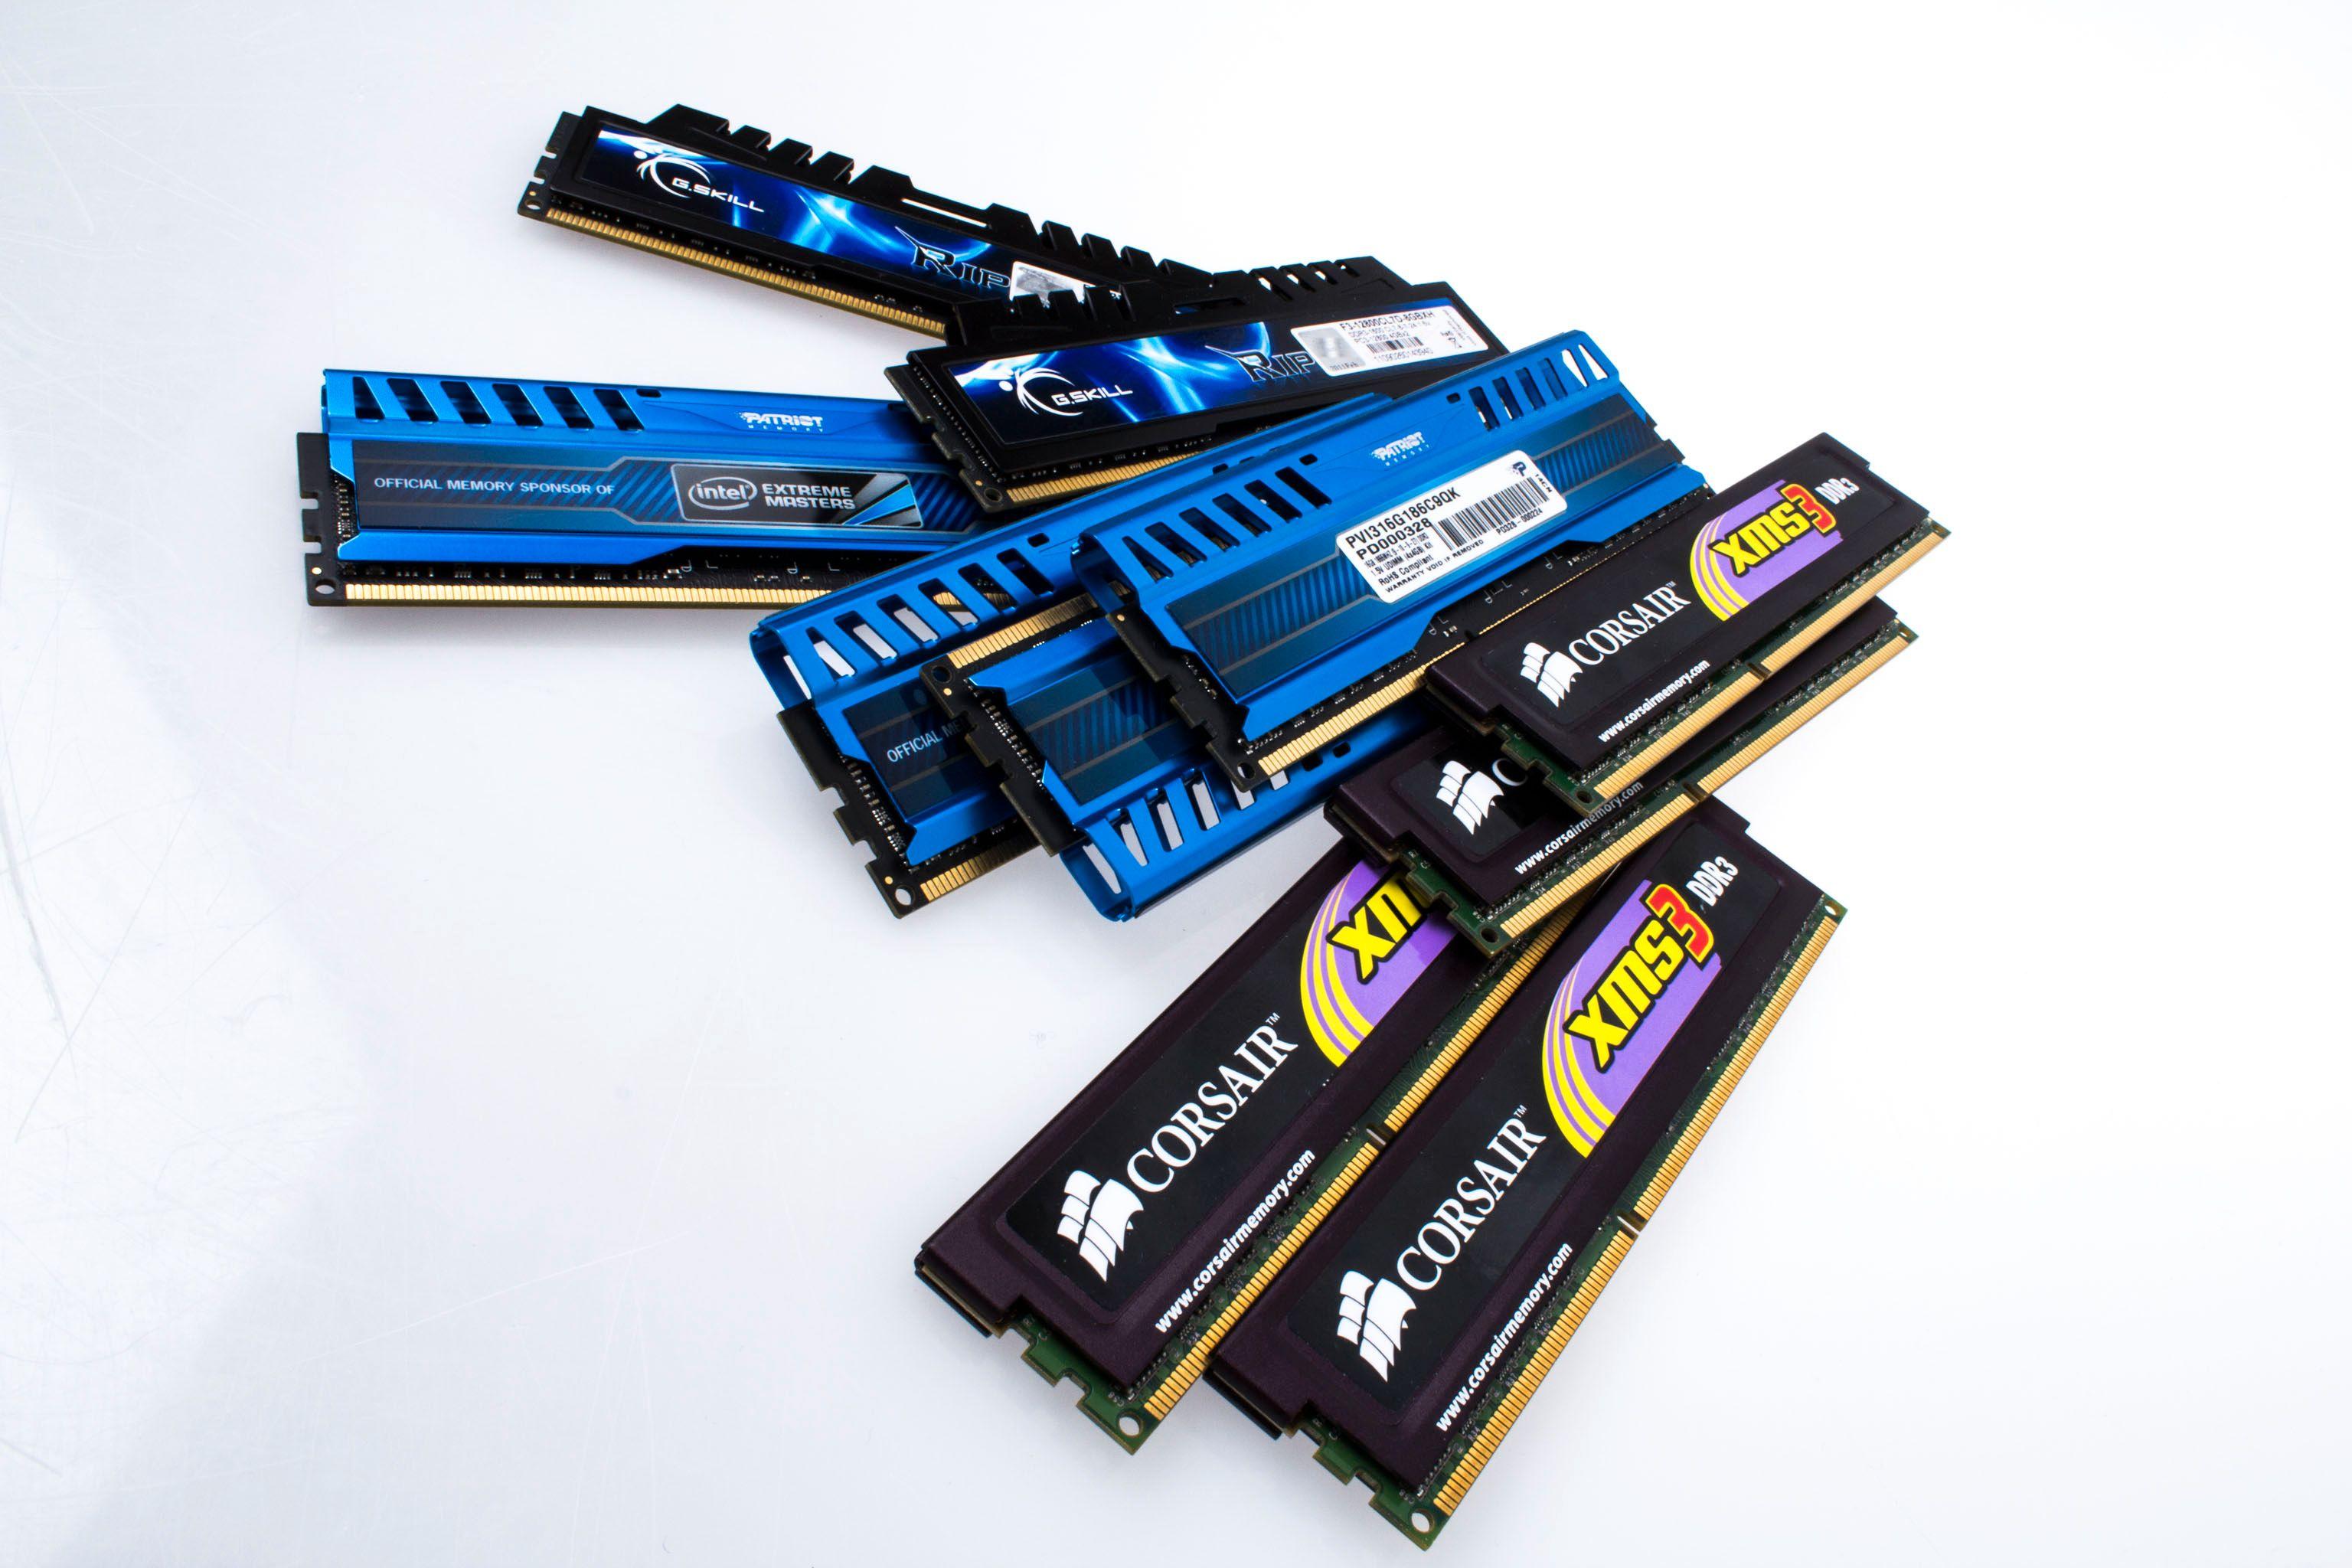 Minnemodulene vi forsøker oss på å oppgradere med er de samme som vi prøvde forrige gang.Foto: Varg Aamo, Hardware.no